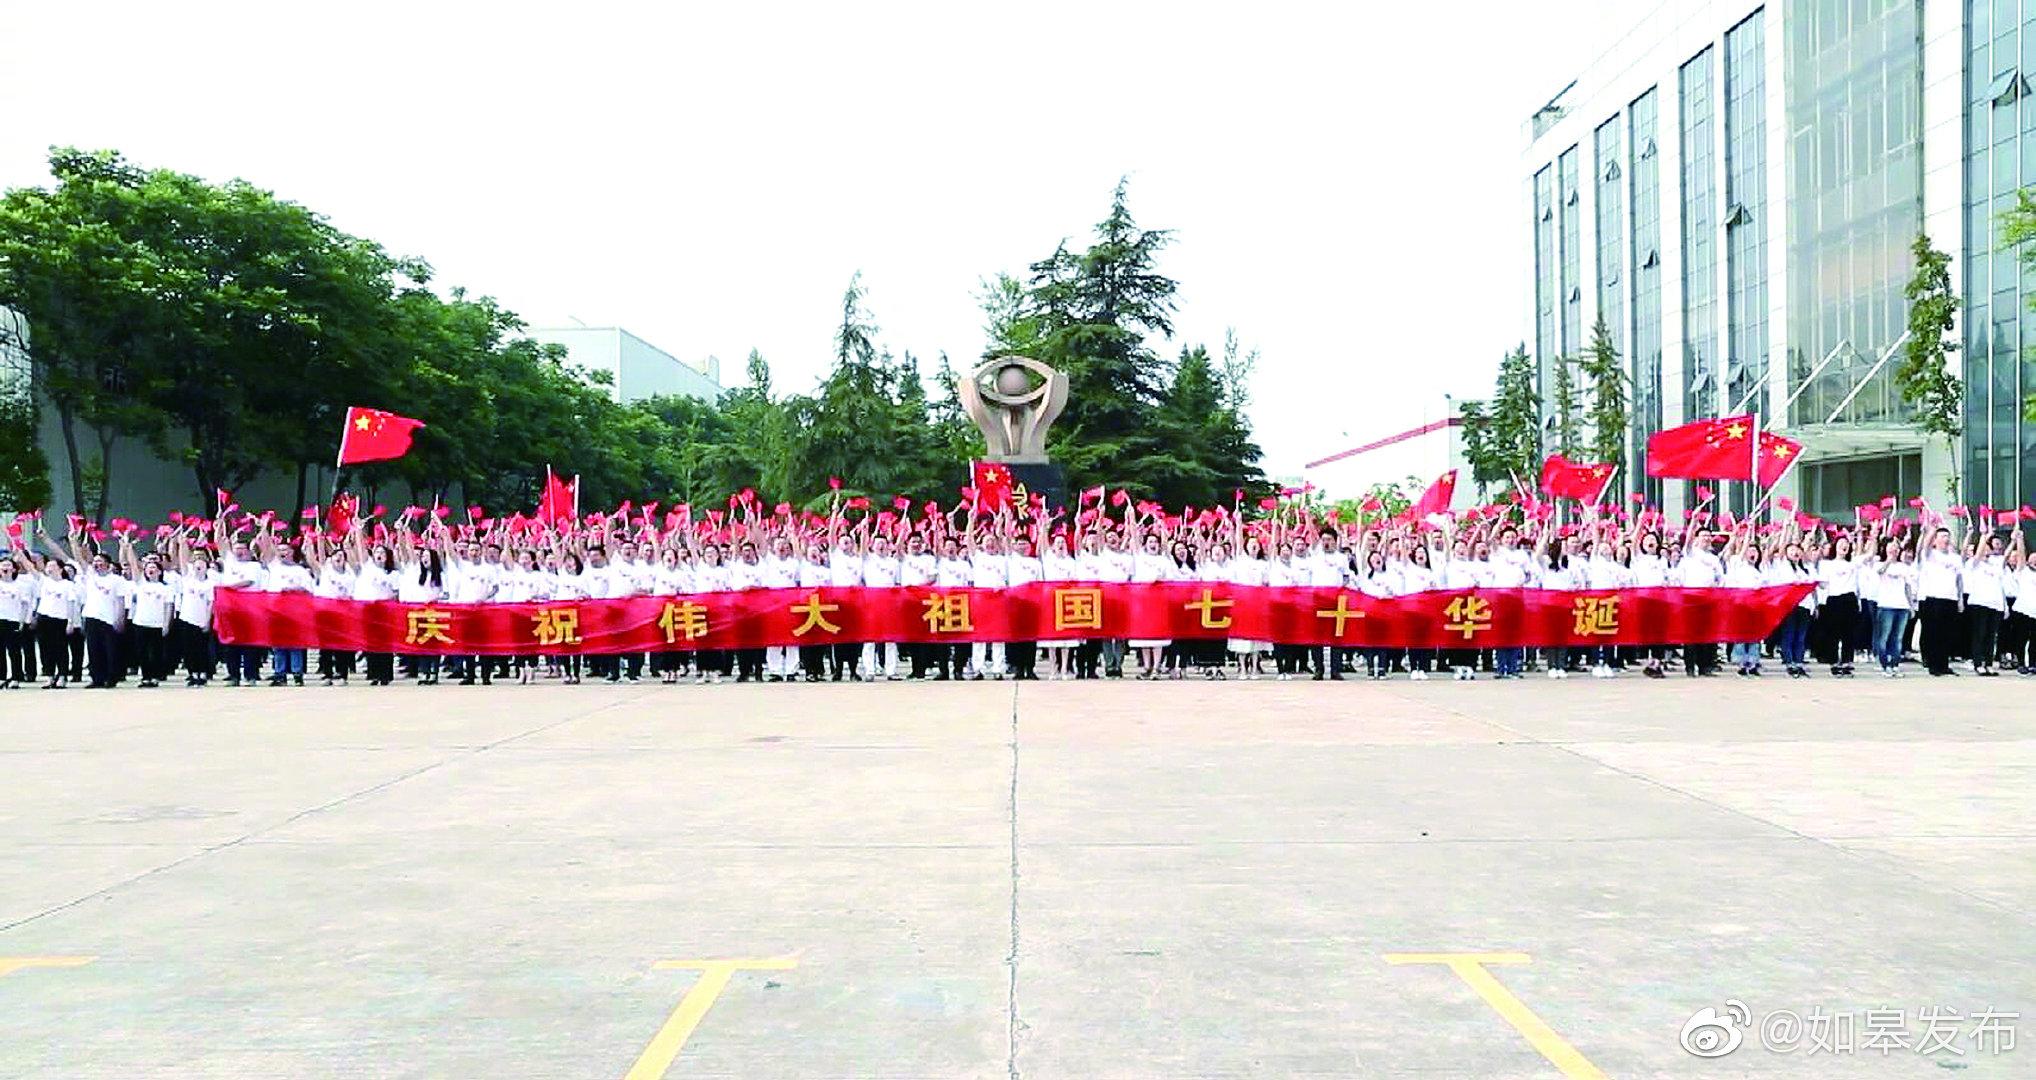 15日,在我市九鼎集团的升旗杆下,六百多名九鼎员工齐聚一堂